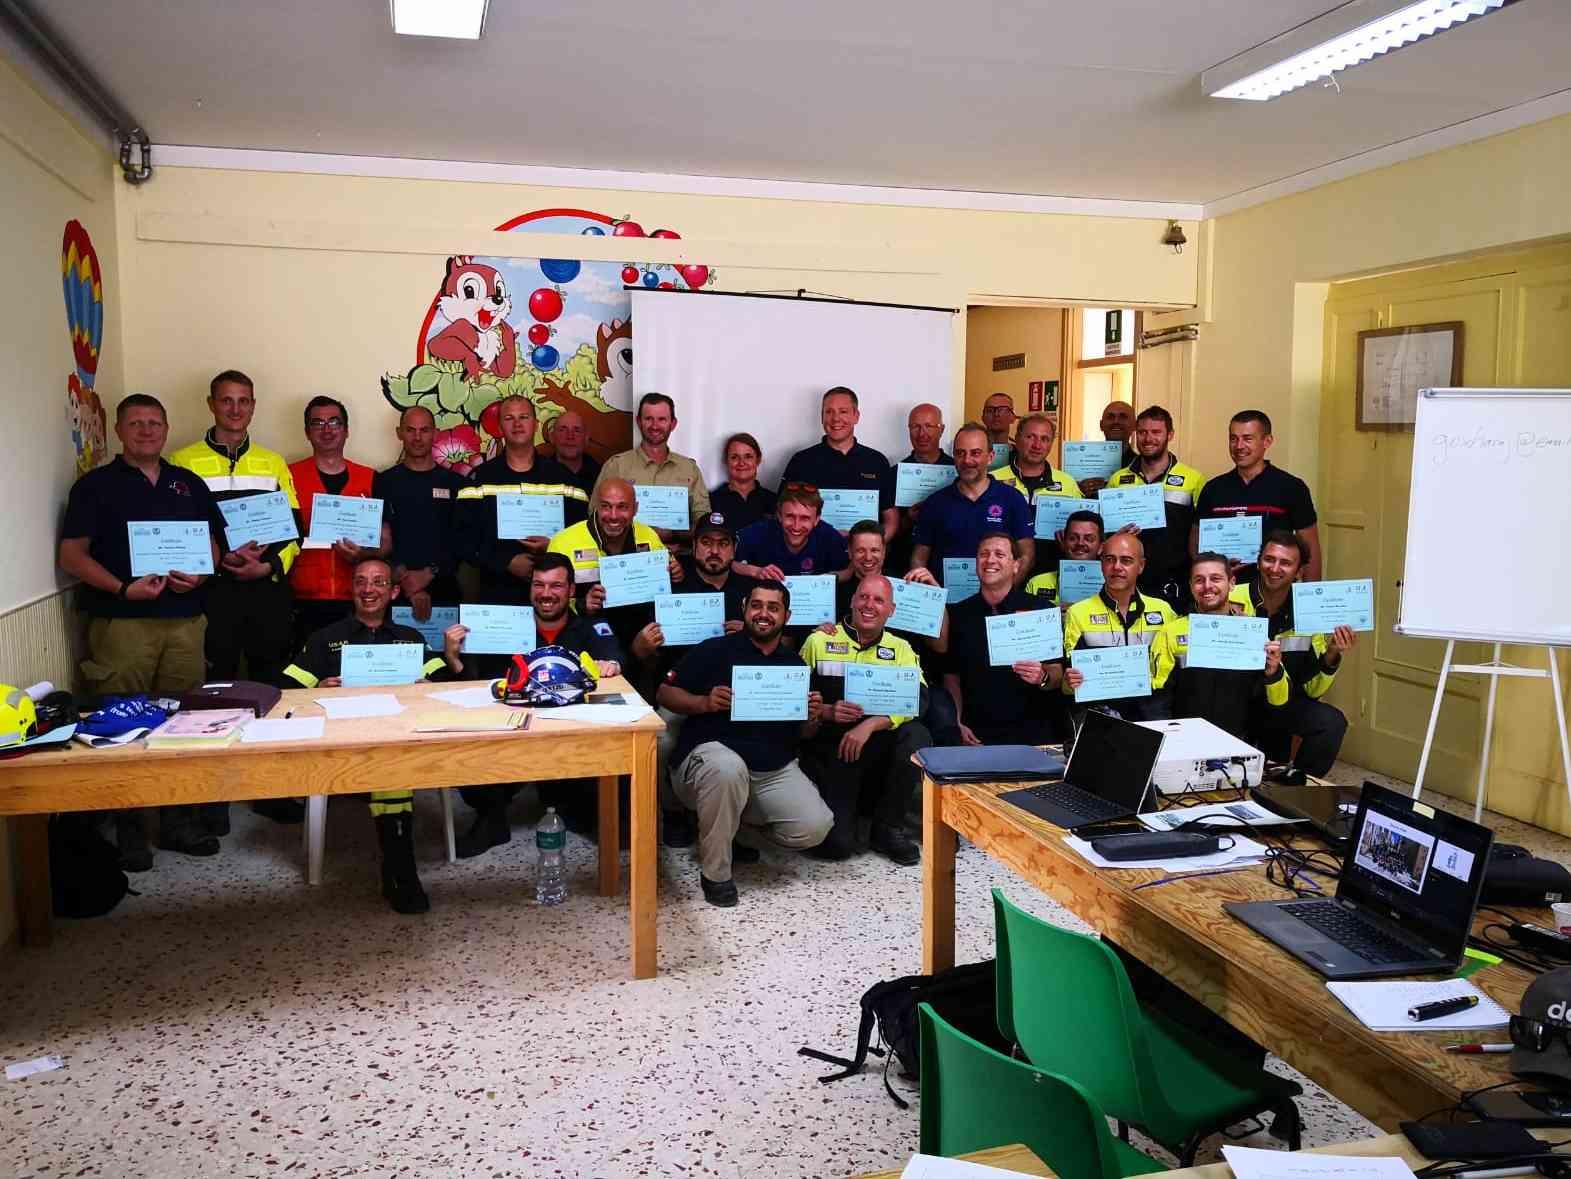 Immagine articolo: Poggioreale, grande partecipazione al Corso Internazionale organizzato dal Corpo dei Vigili del Fuoco